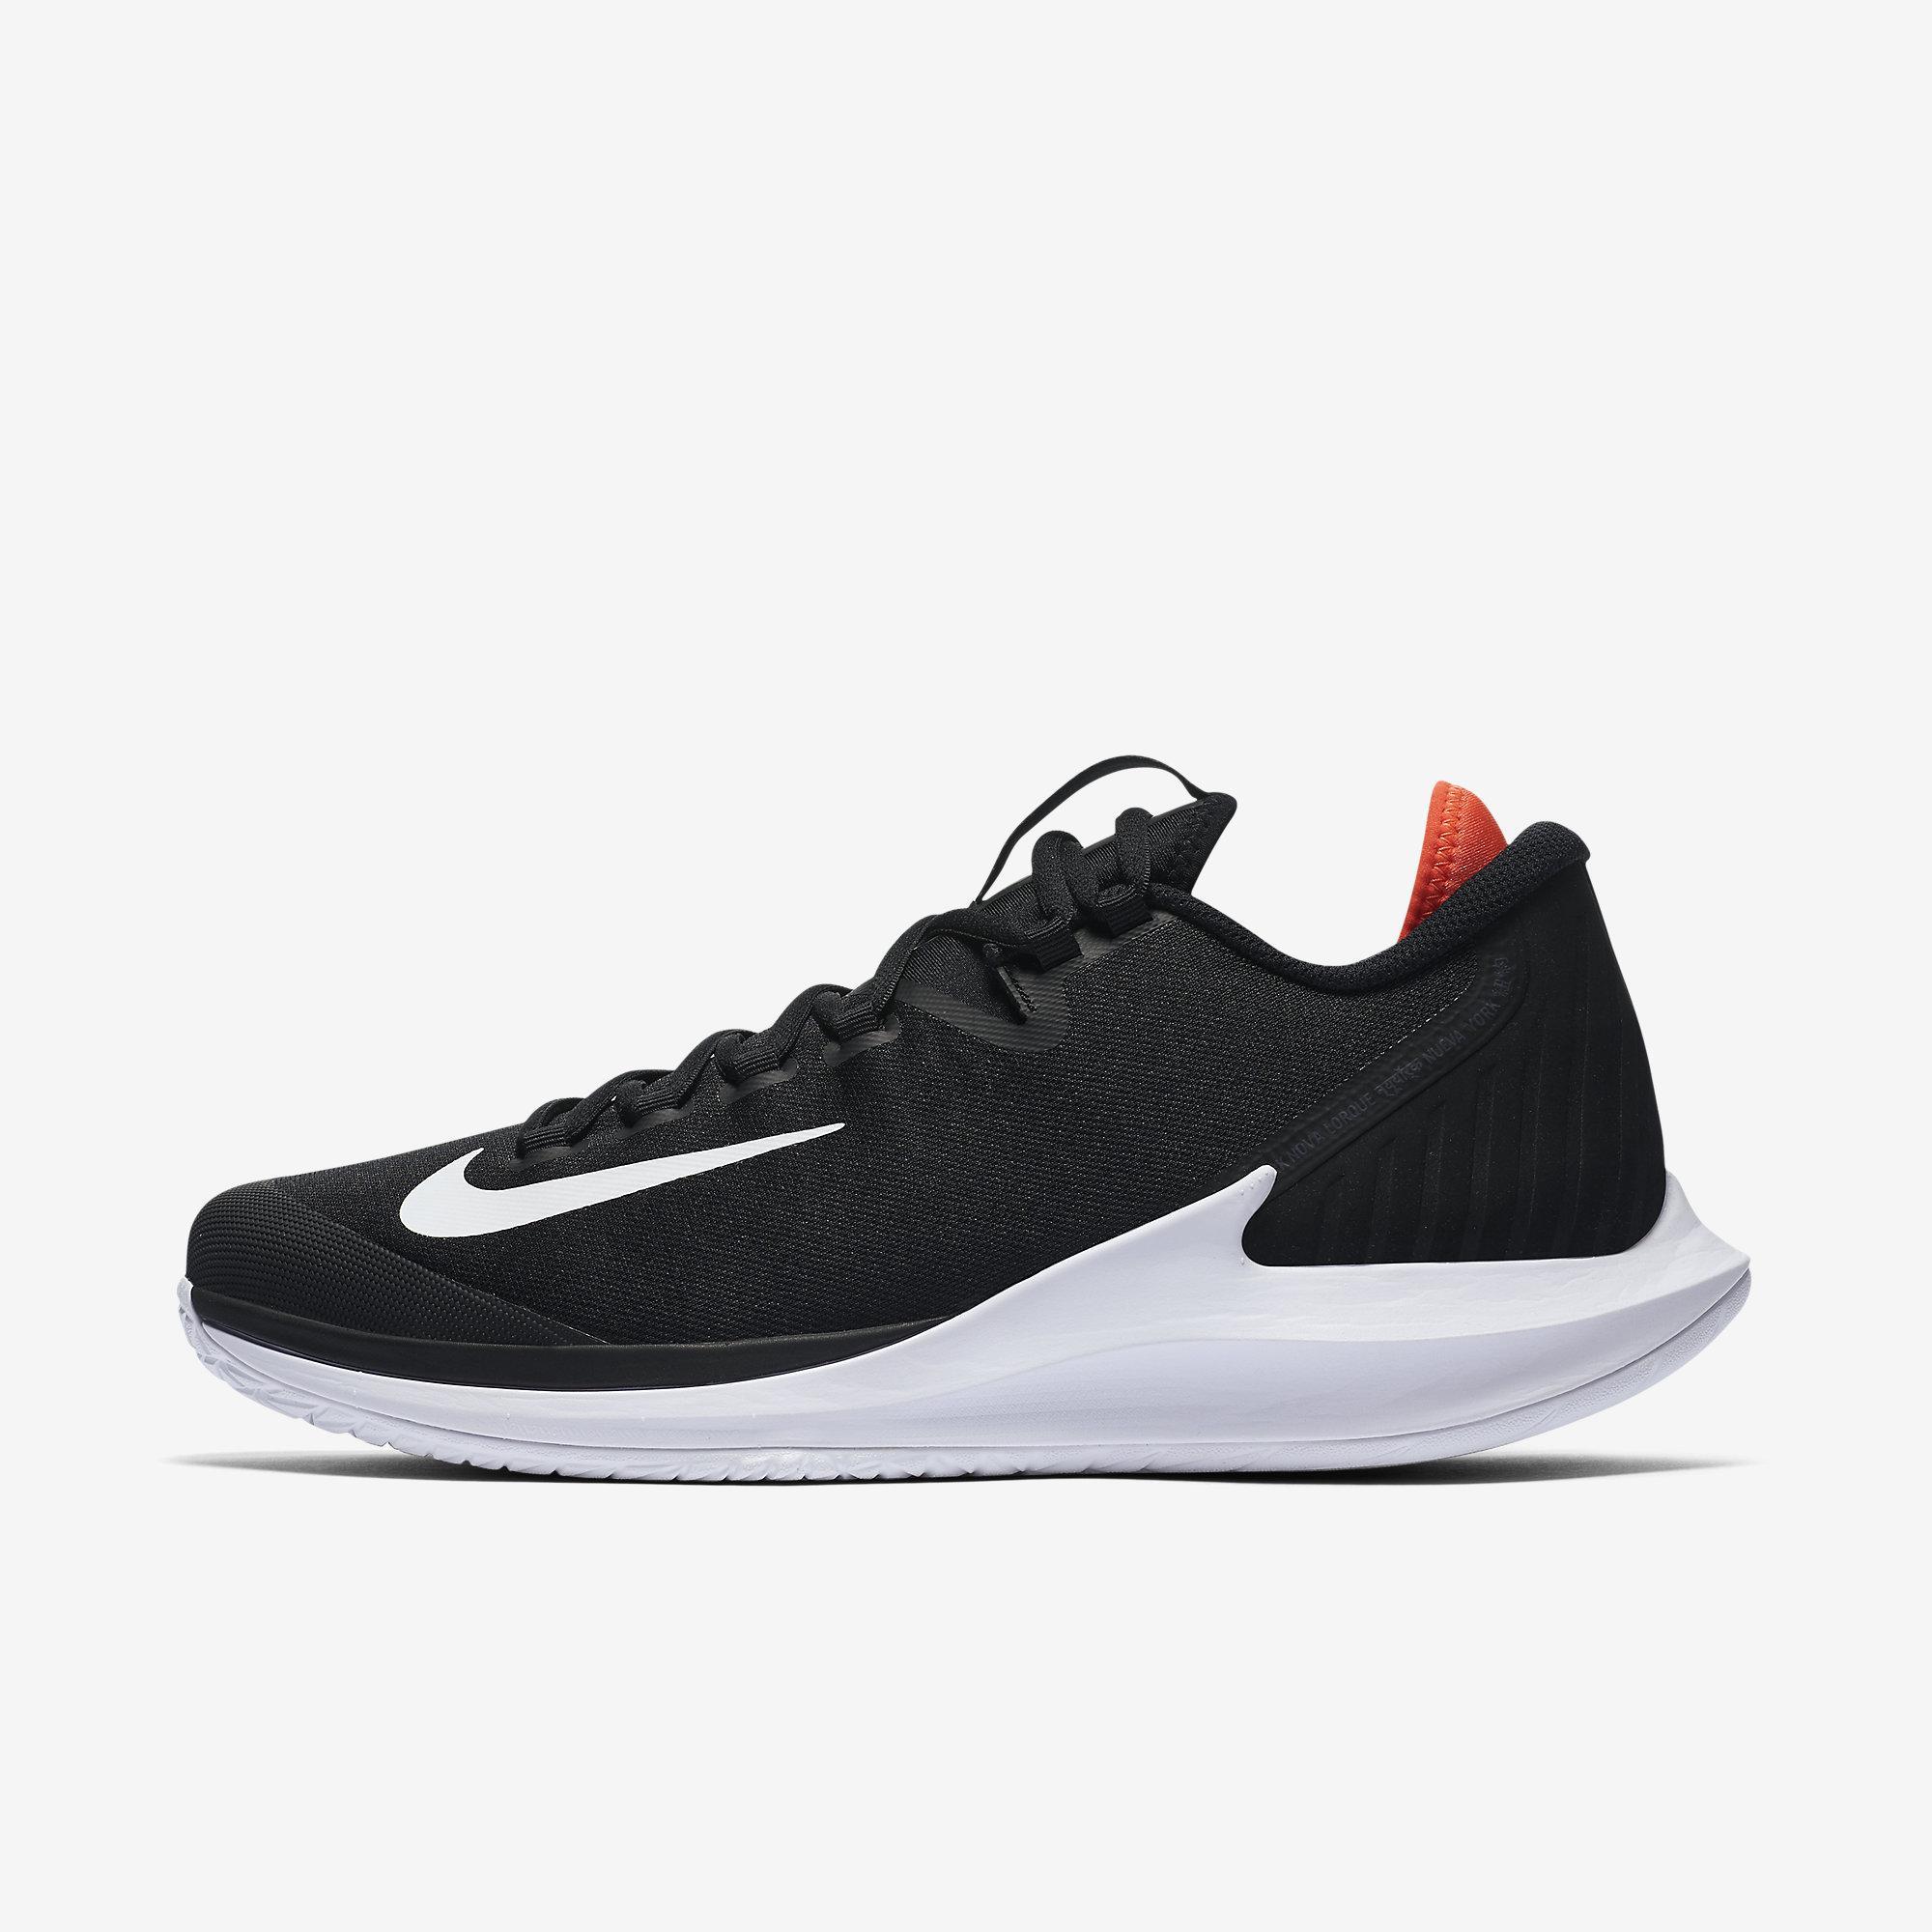 2bf25b4b5938 Nike Mens Air Zoom Zero Tennis Shoes - Black Red White - Tennisnuts.com